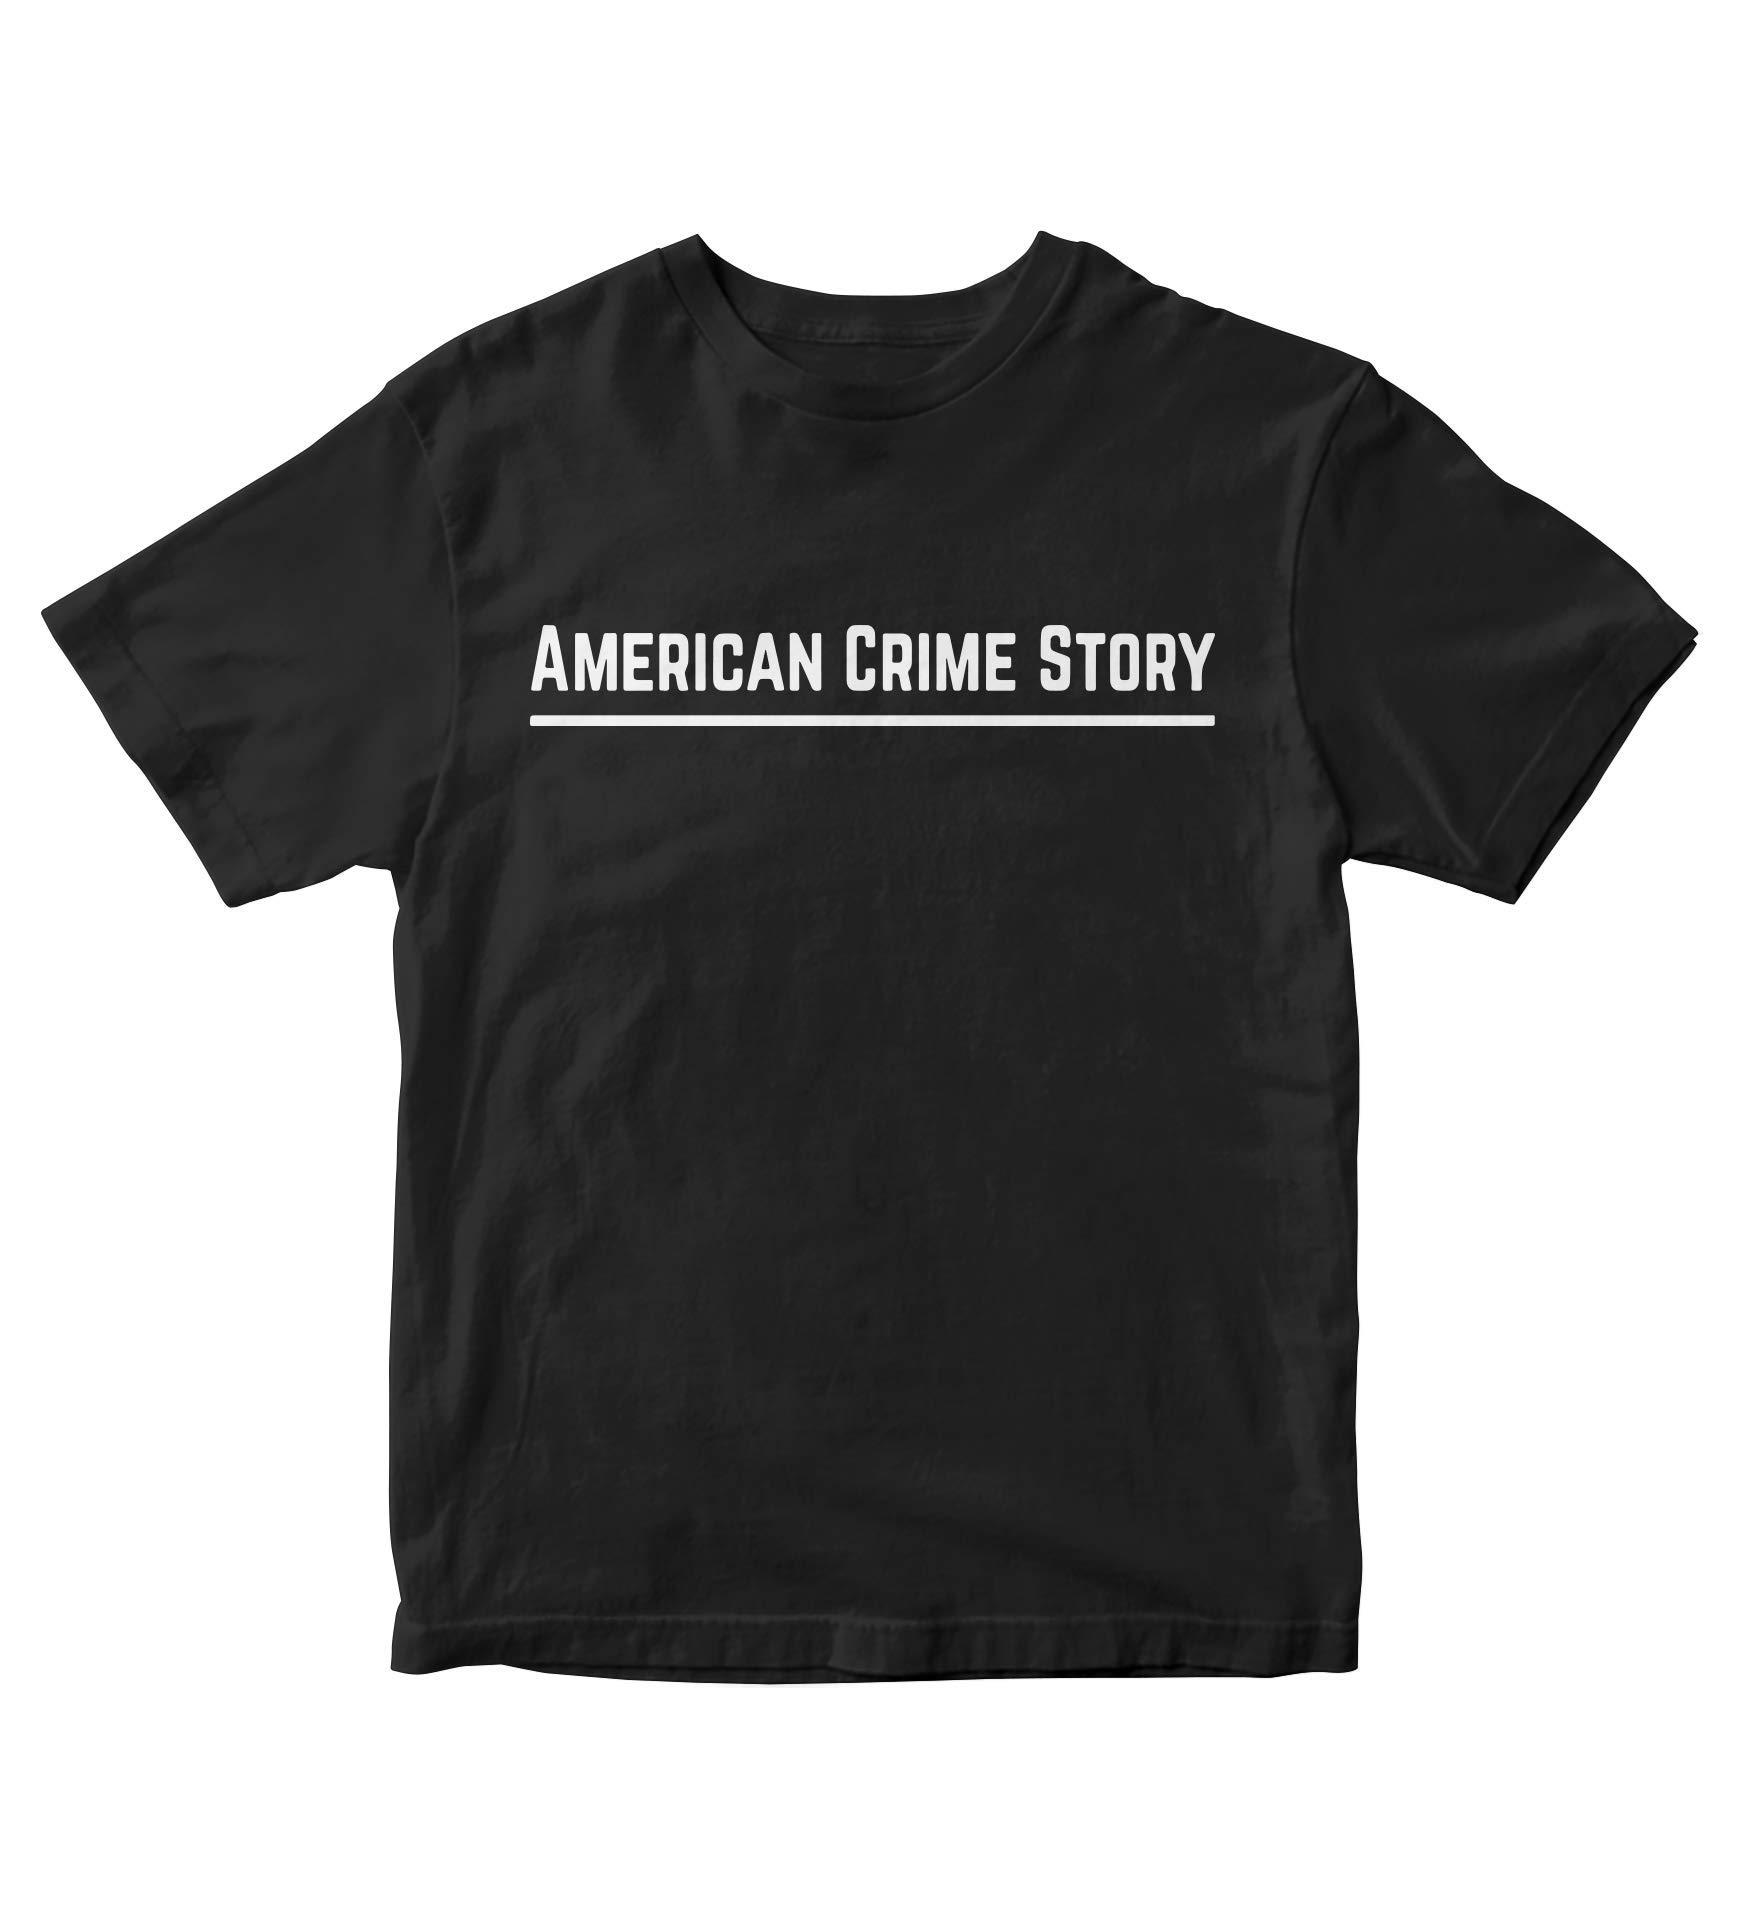 Tjsports American Crime Story Black Shirt S Tv Show M170